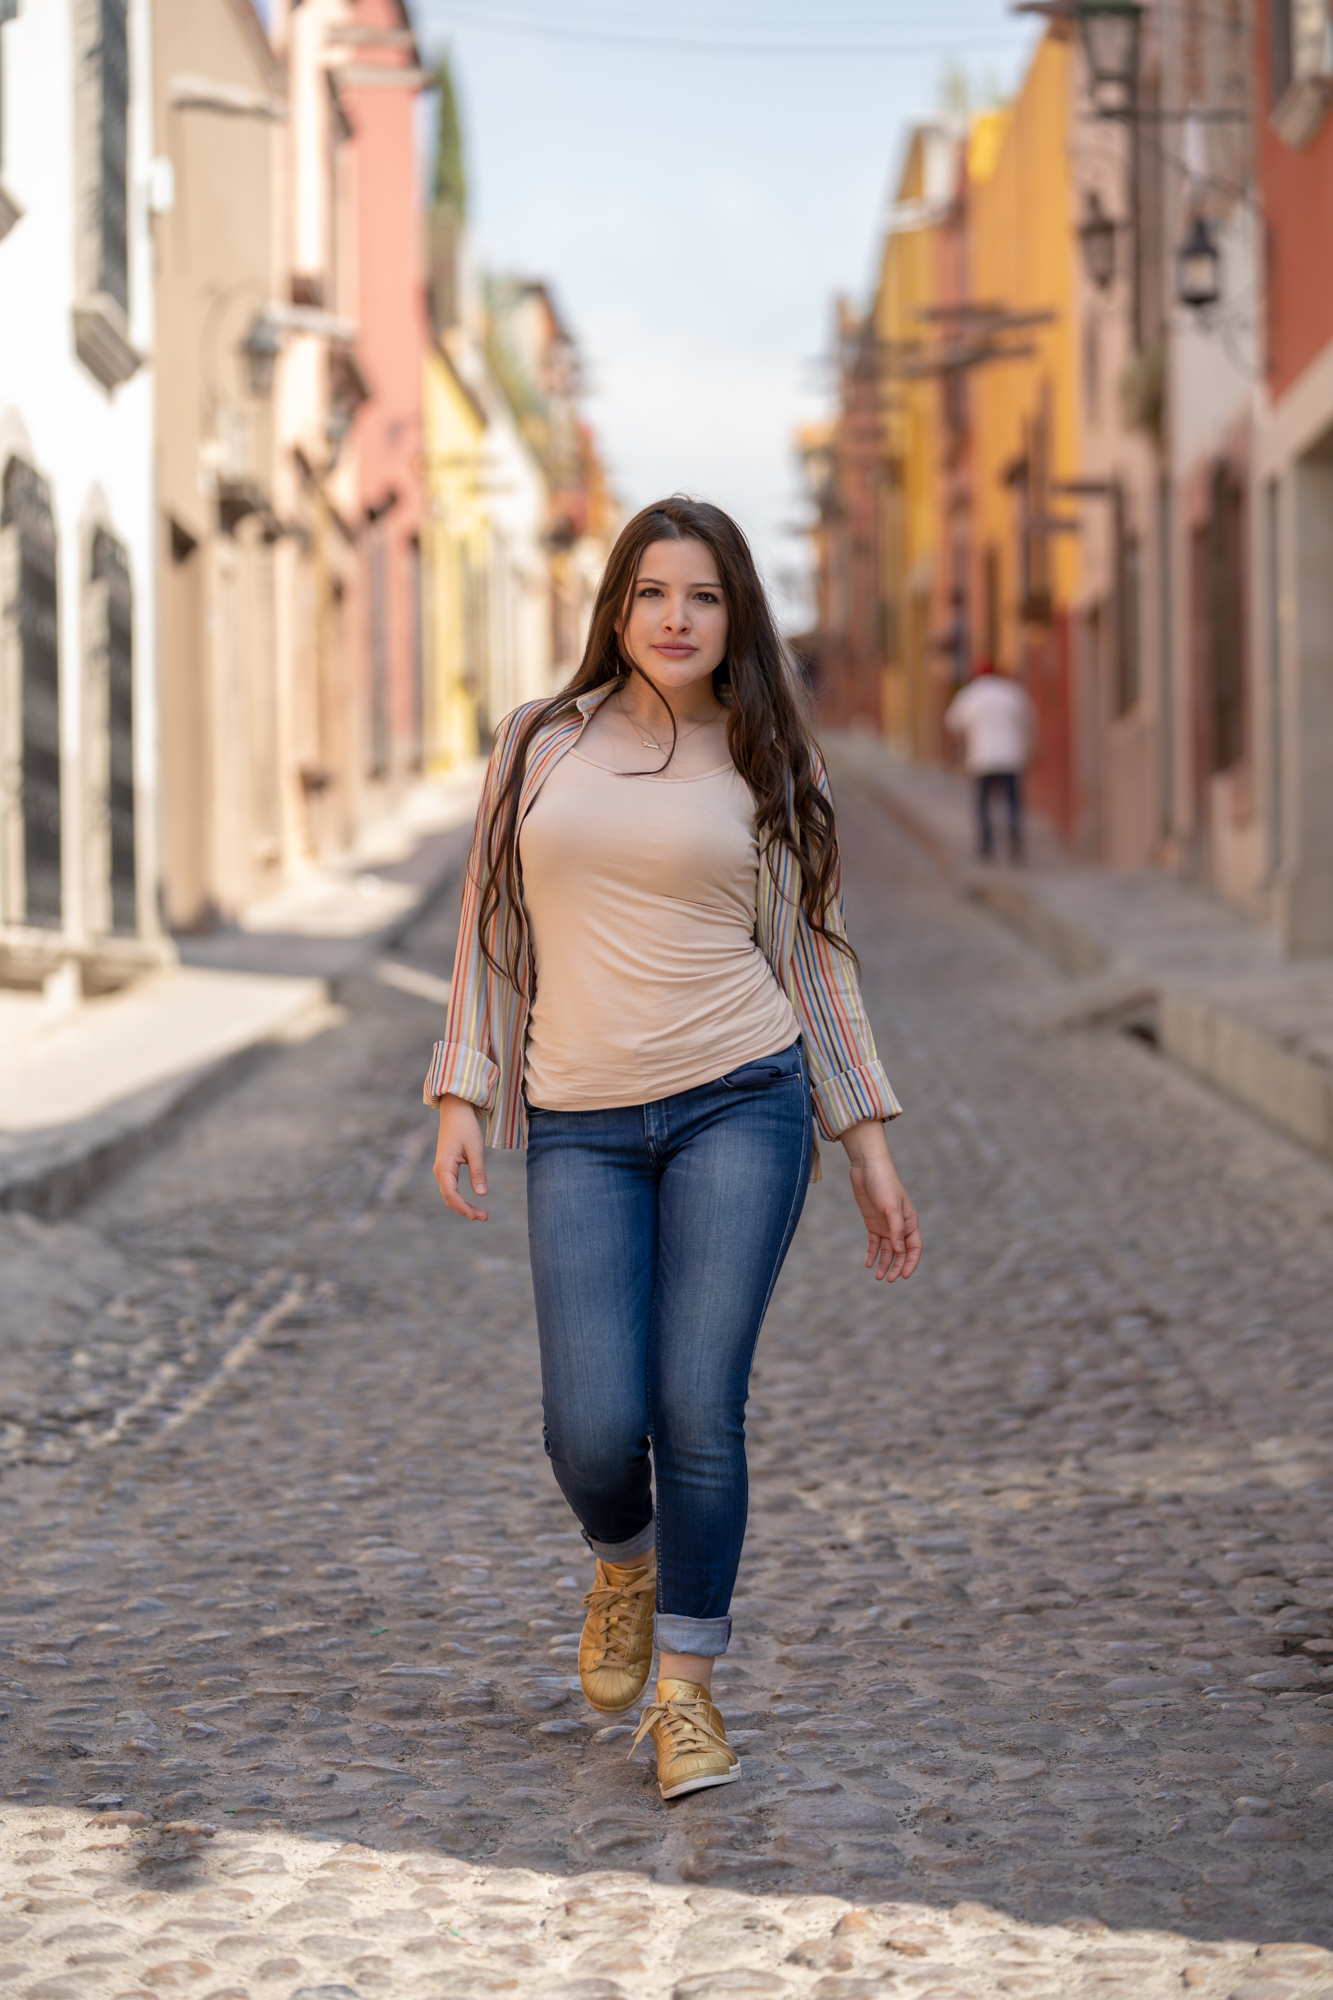 Sesion de Fotos en San Miguel de Allende con Rogelio y su Fmailia-22.jpg